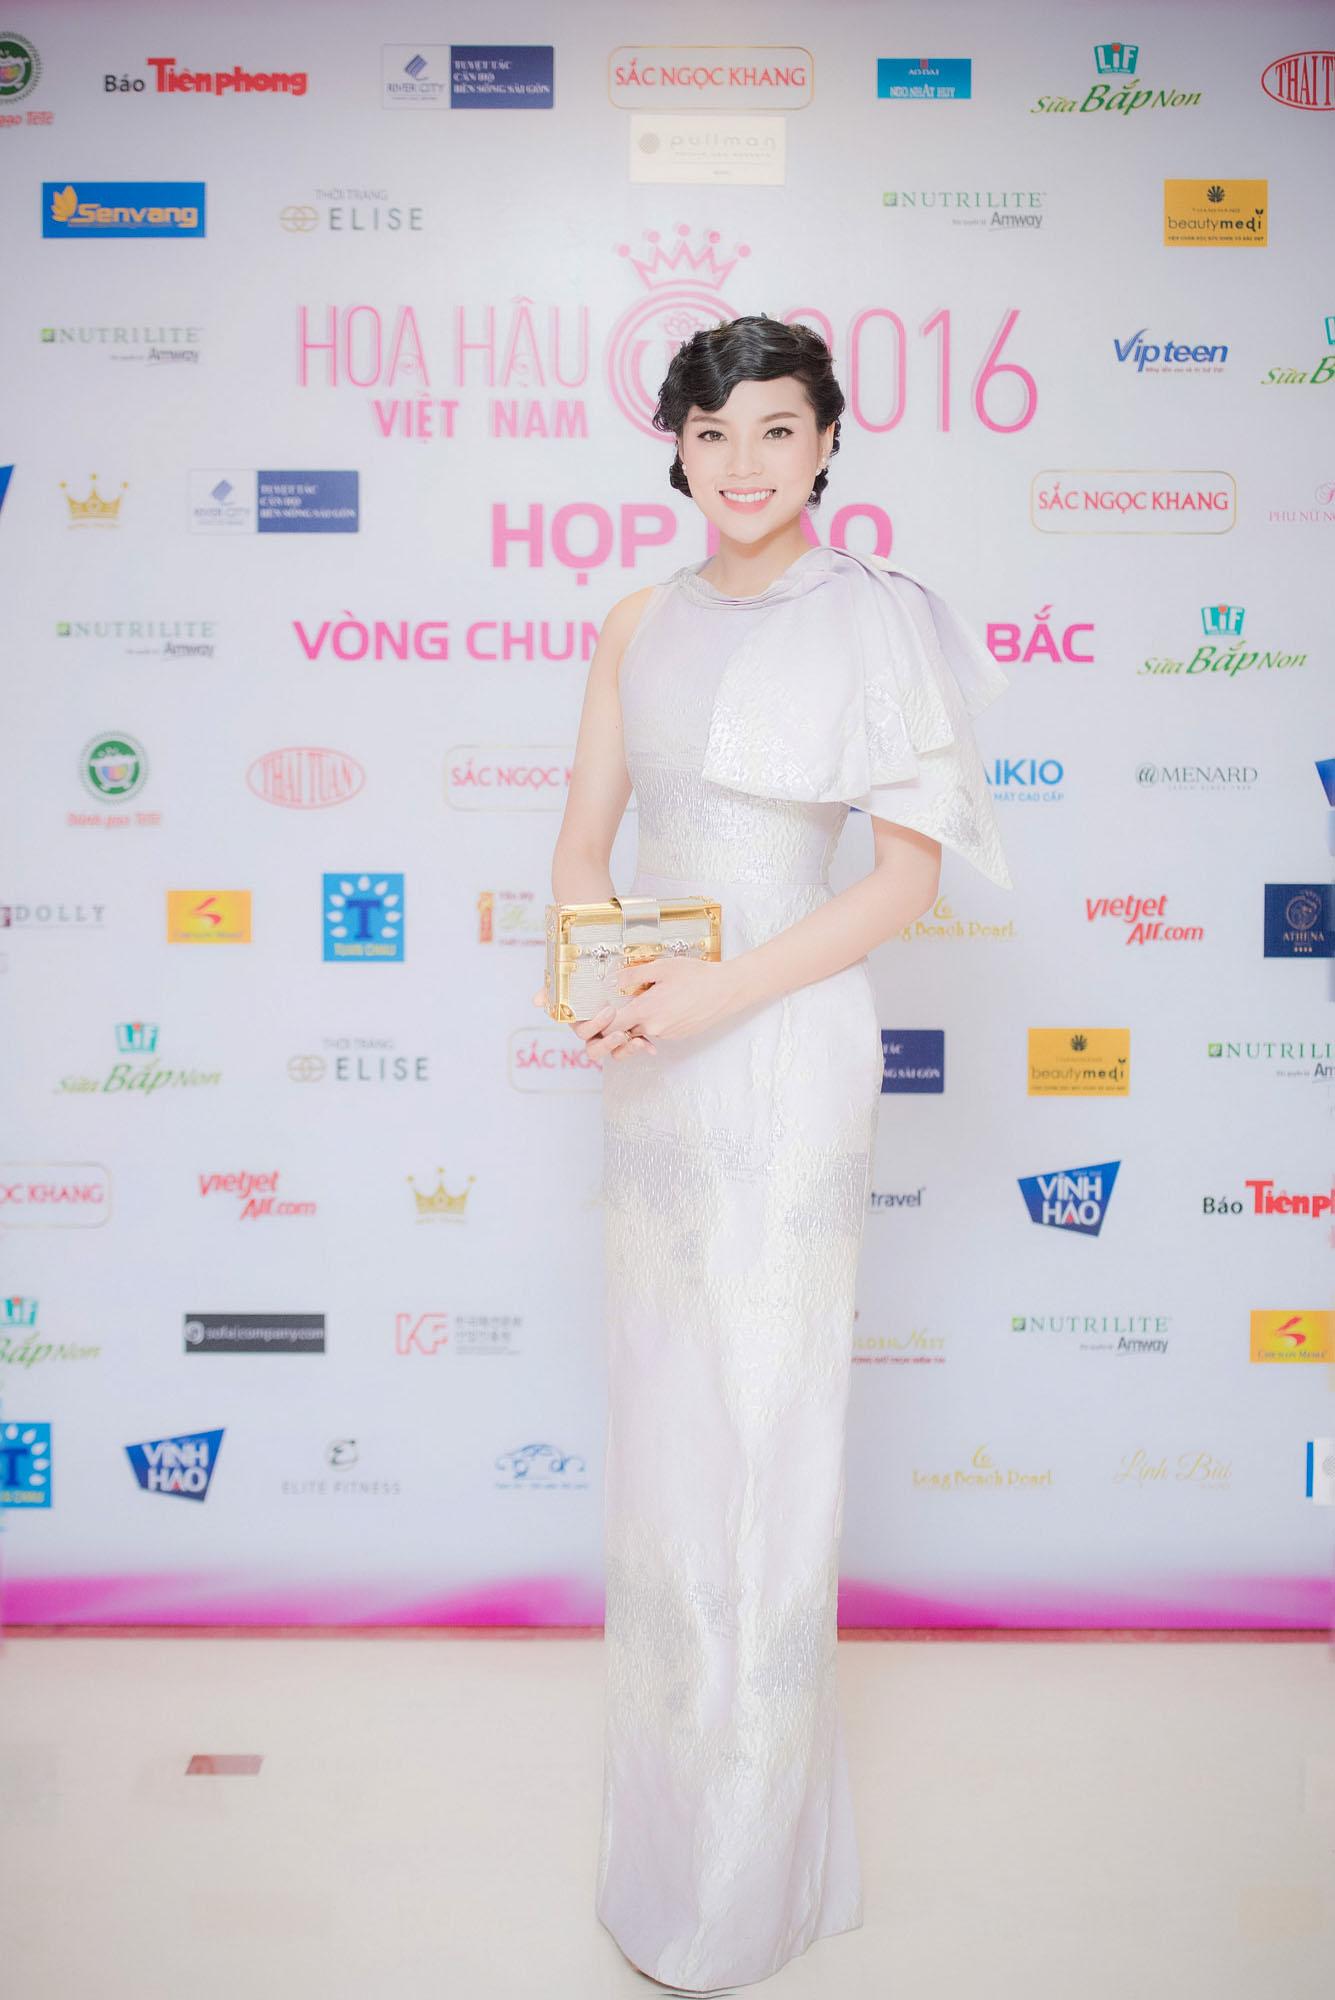 Hoa hậu Kỳ Duyên bị chê già đanh khi đi sự kiện 3